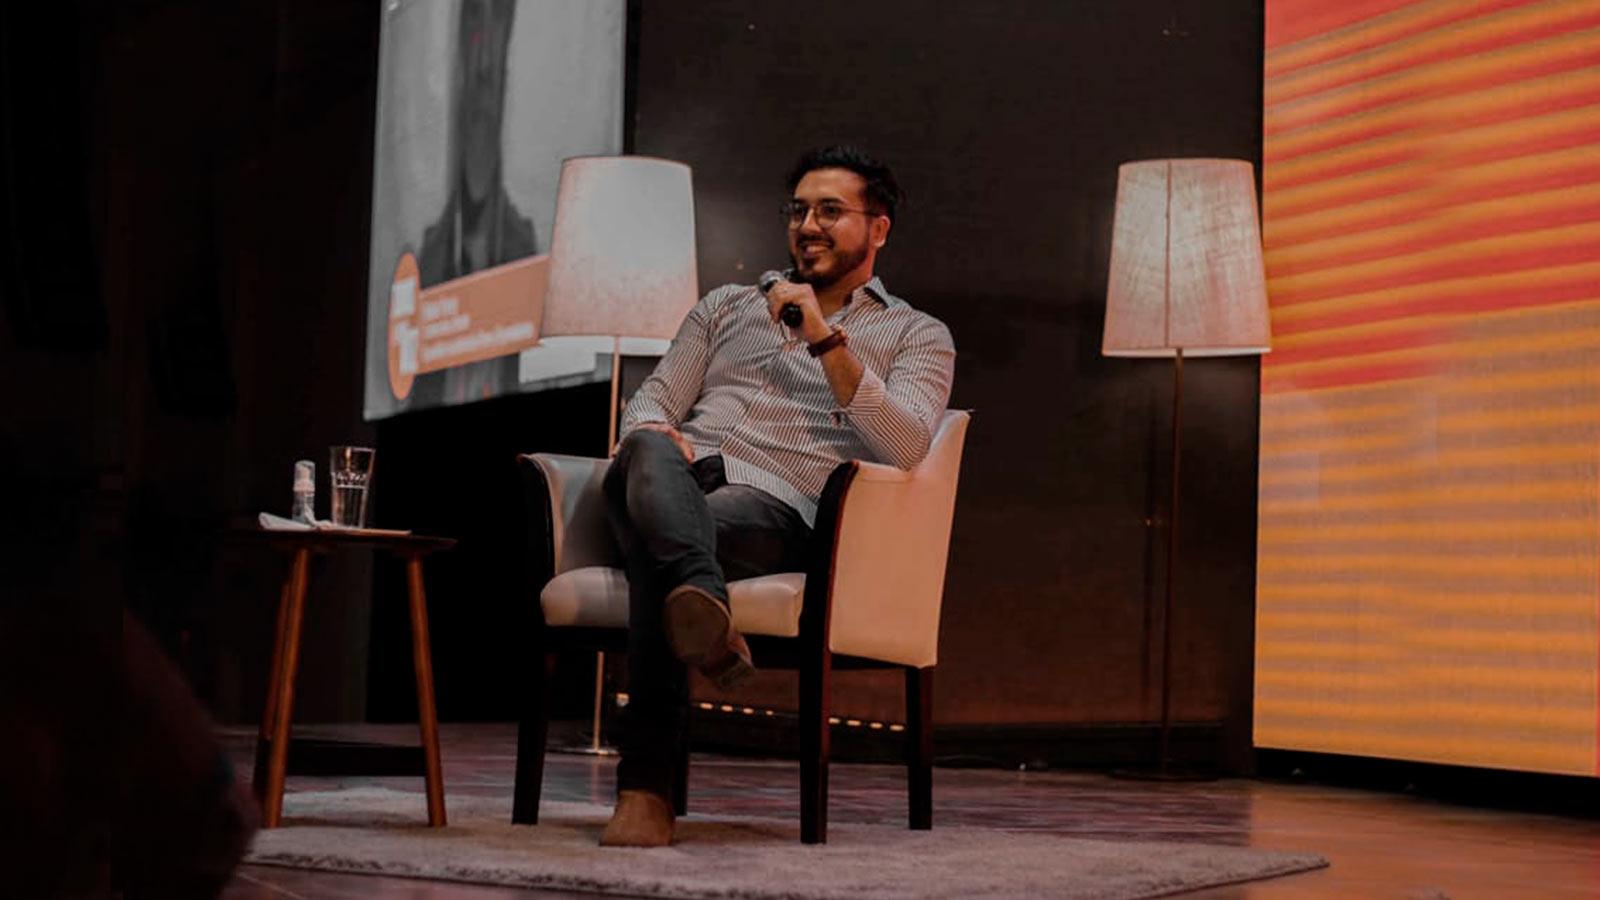 Guillermo-Ledesma-foto-emprendedor